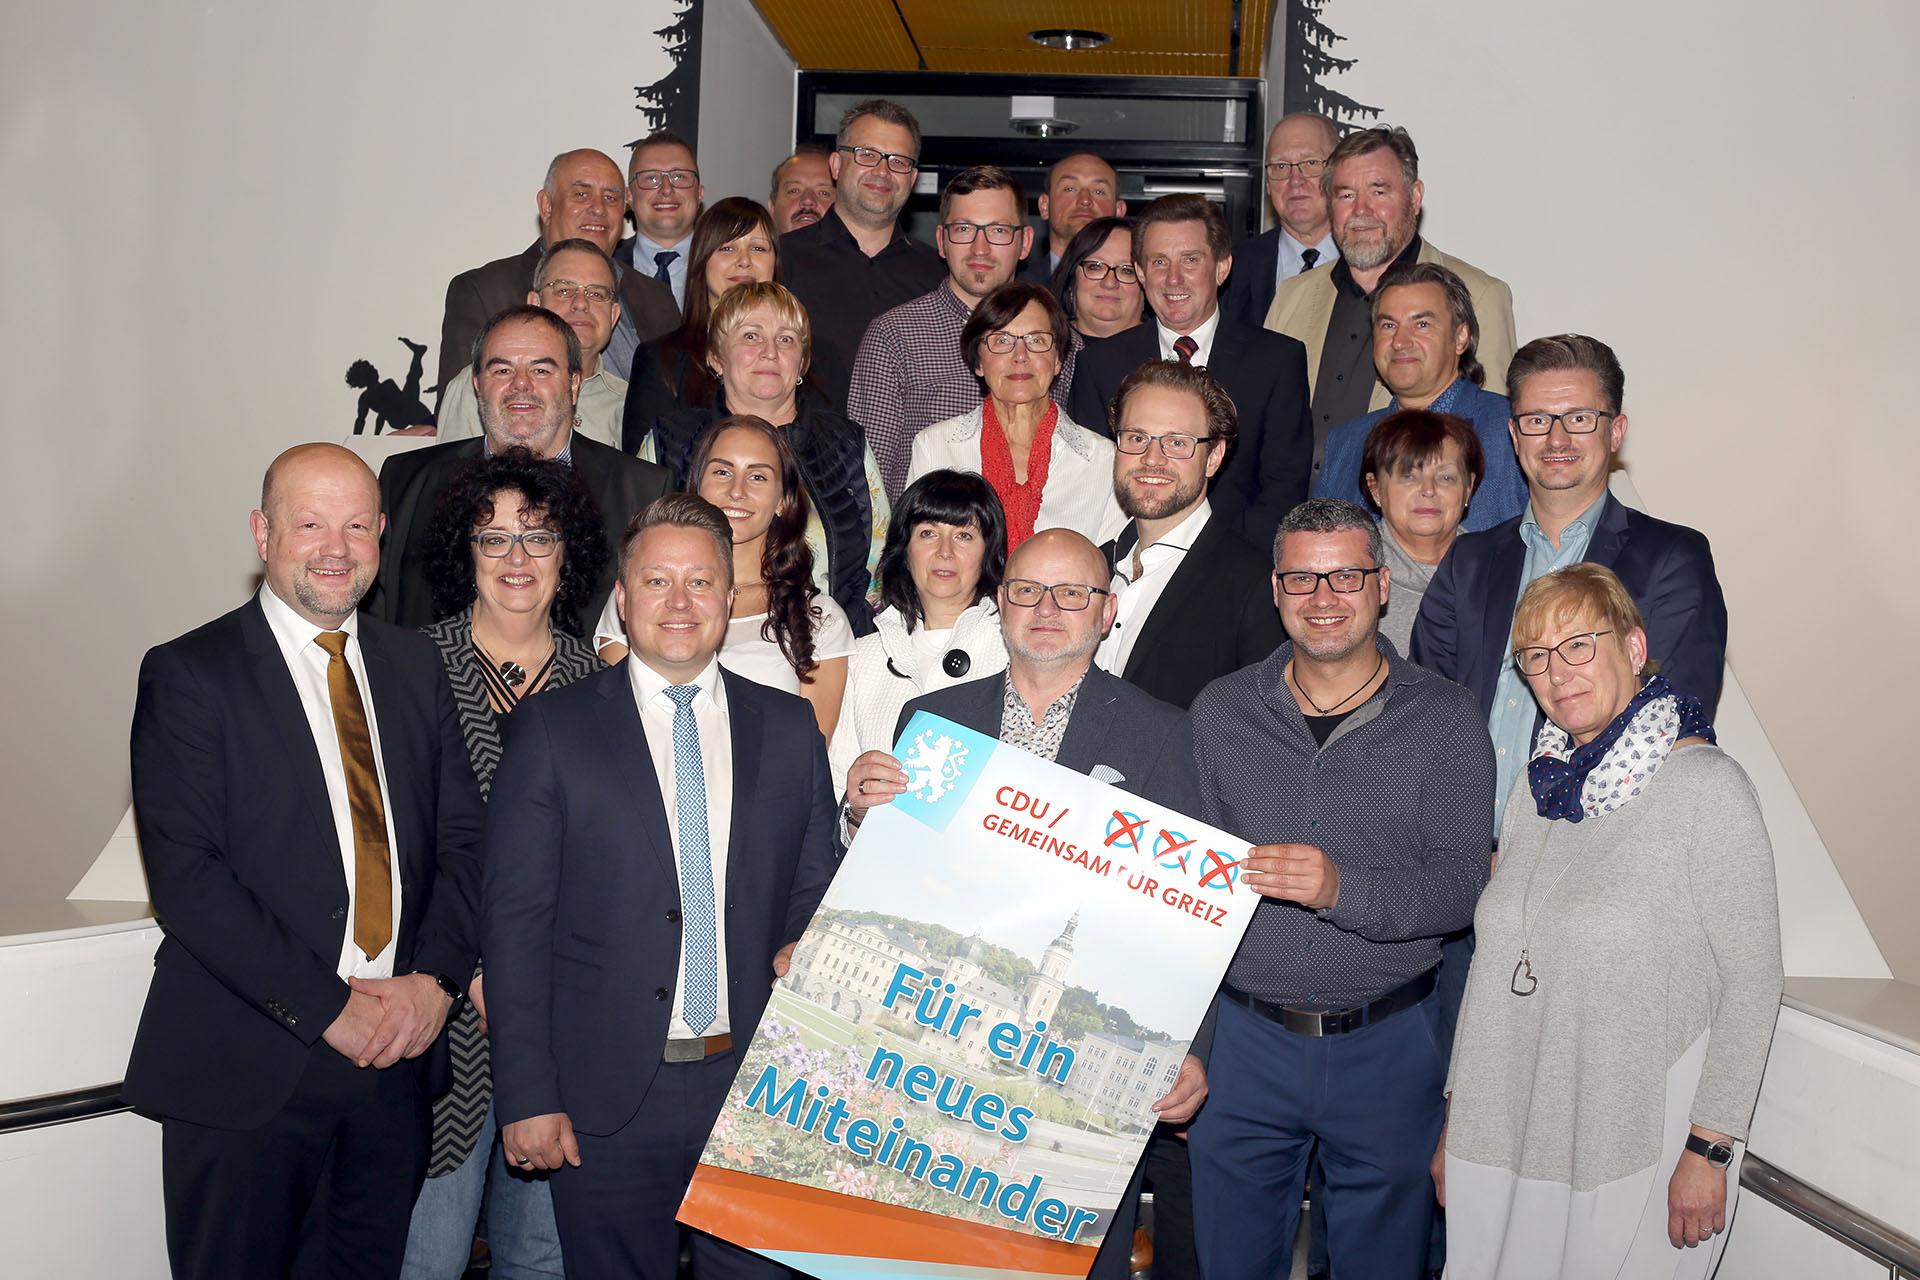 CDU Greiz: Aufbruch für ein neues Miteinander